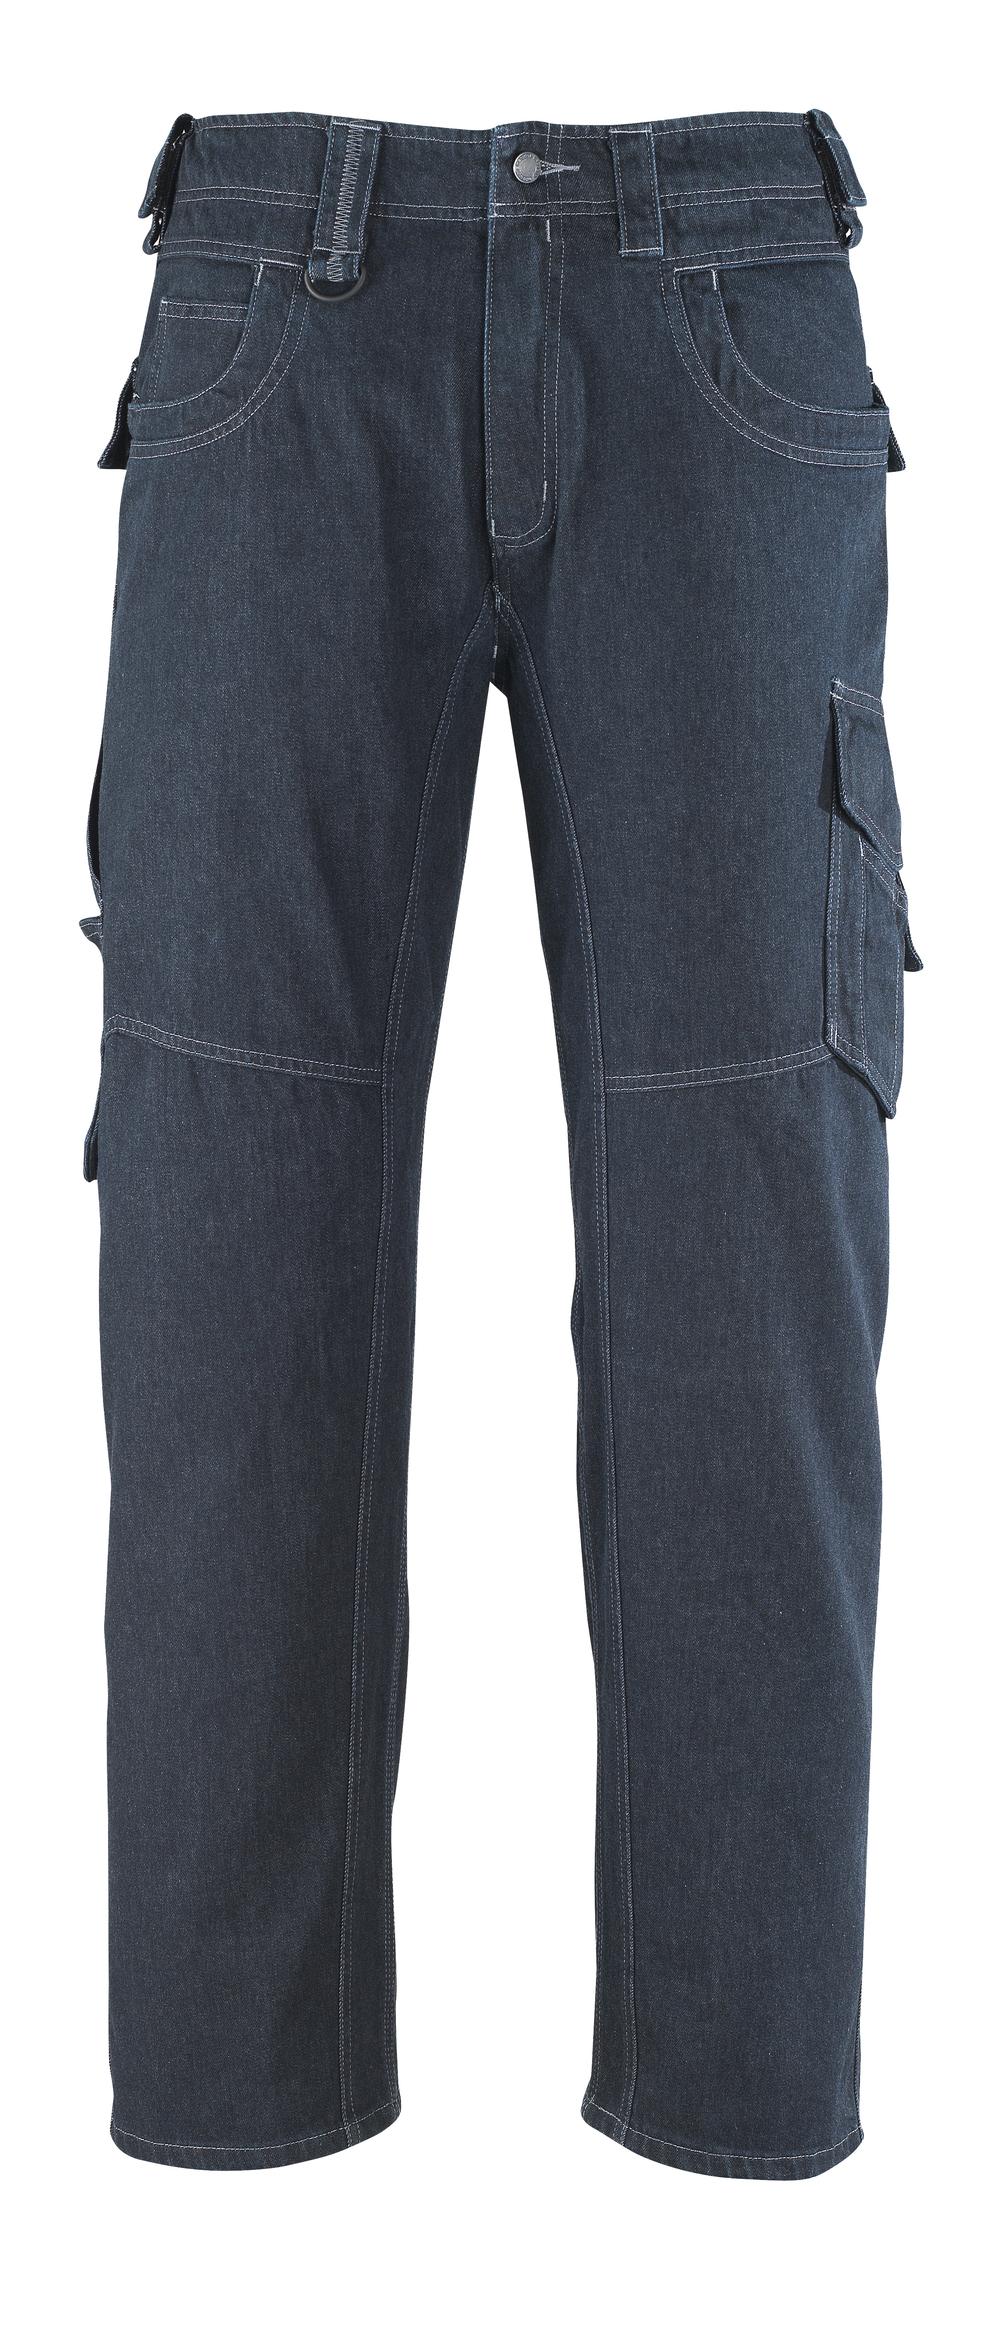 13379-207-B52 Jeans met dijbeenzakken - denimblauw